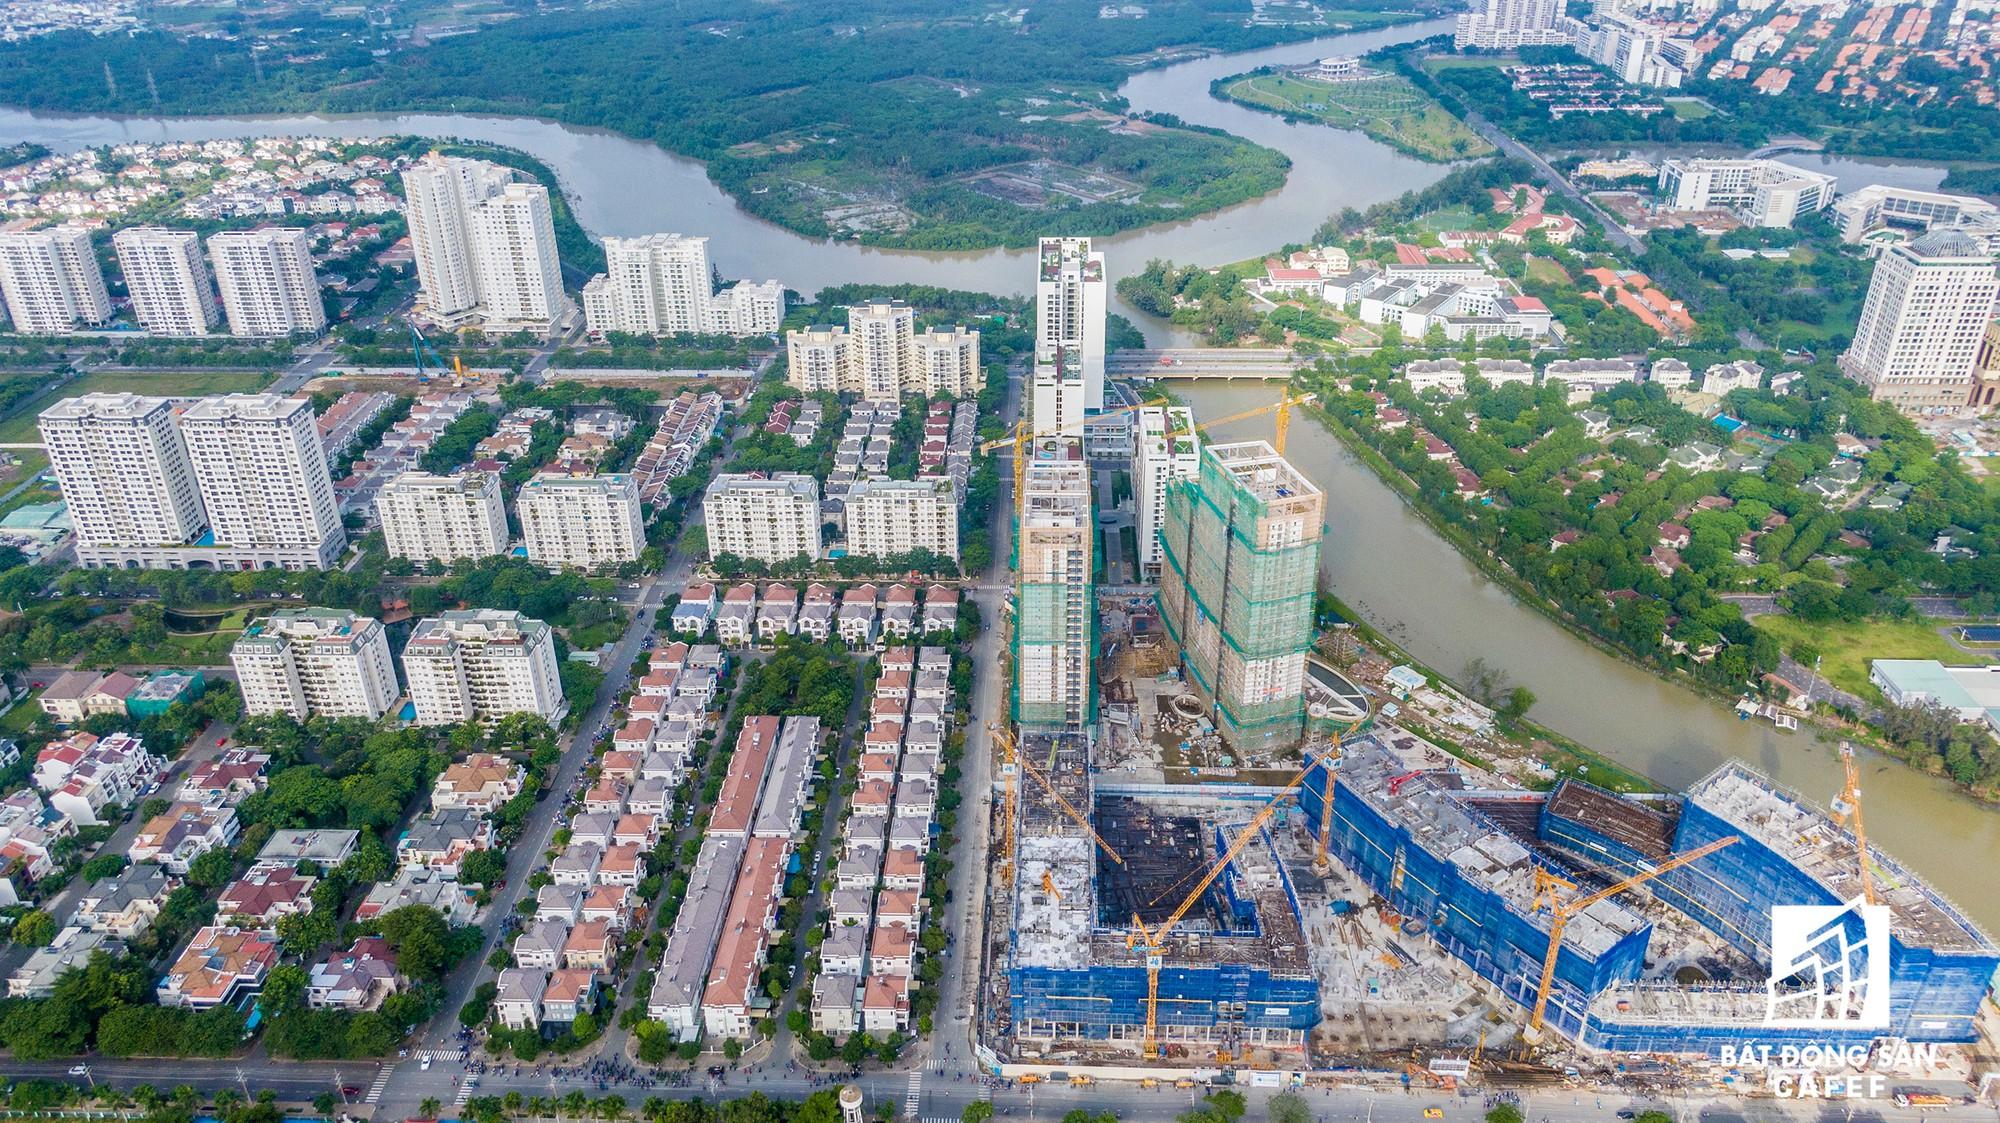 Có một trung tâm tài chính tại khu Nam Sài Gòn - Nơi giá nhà tăng chóng mặt - Ảnh 8.